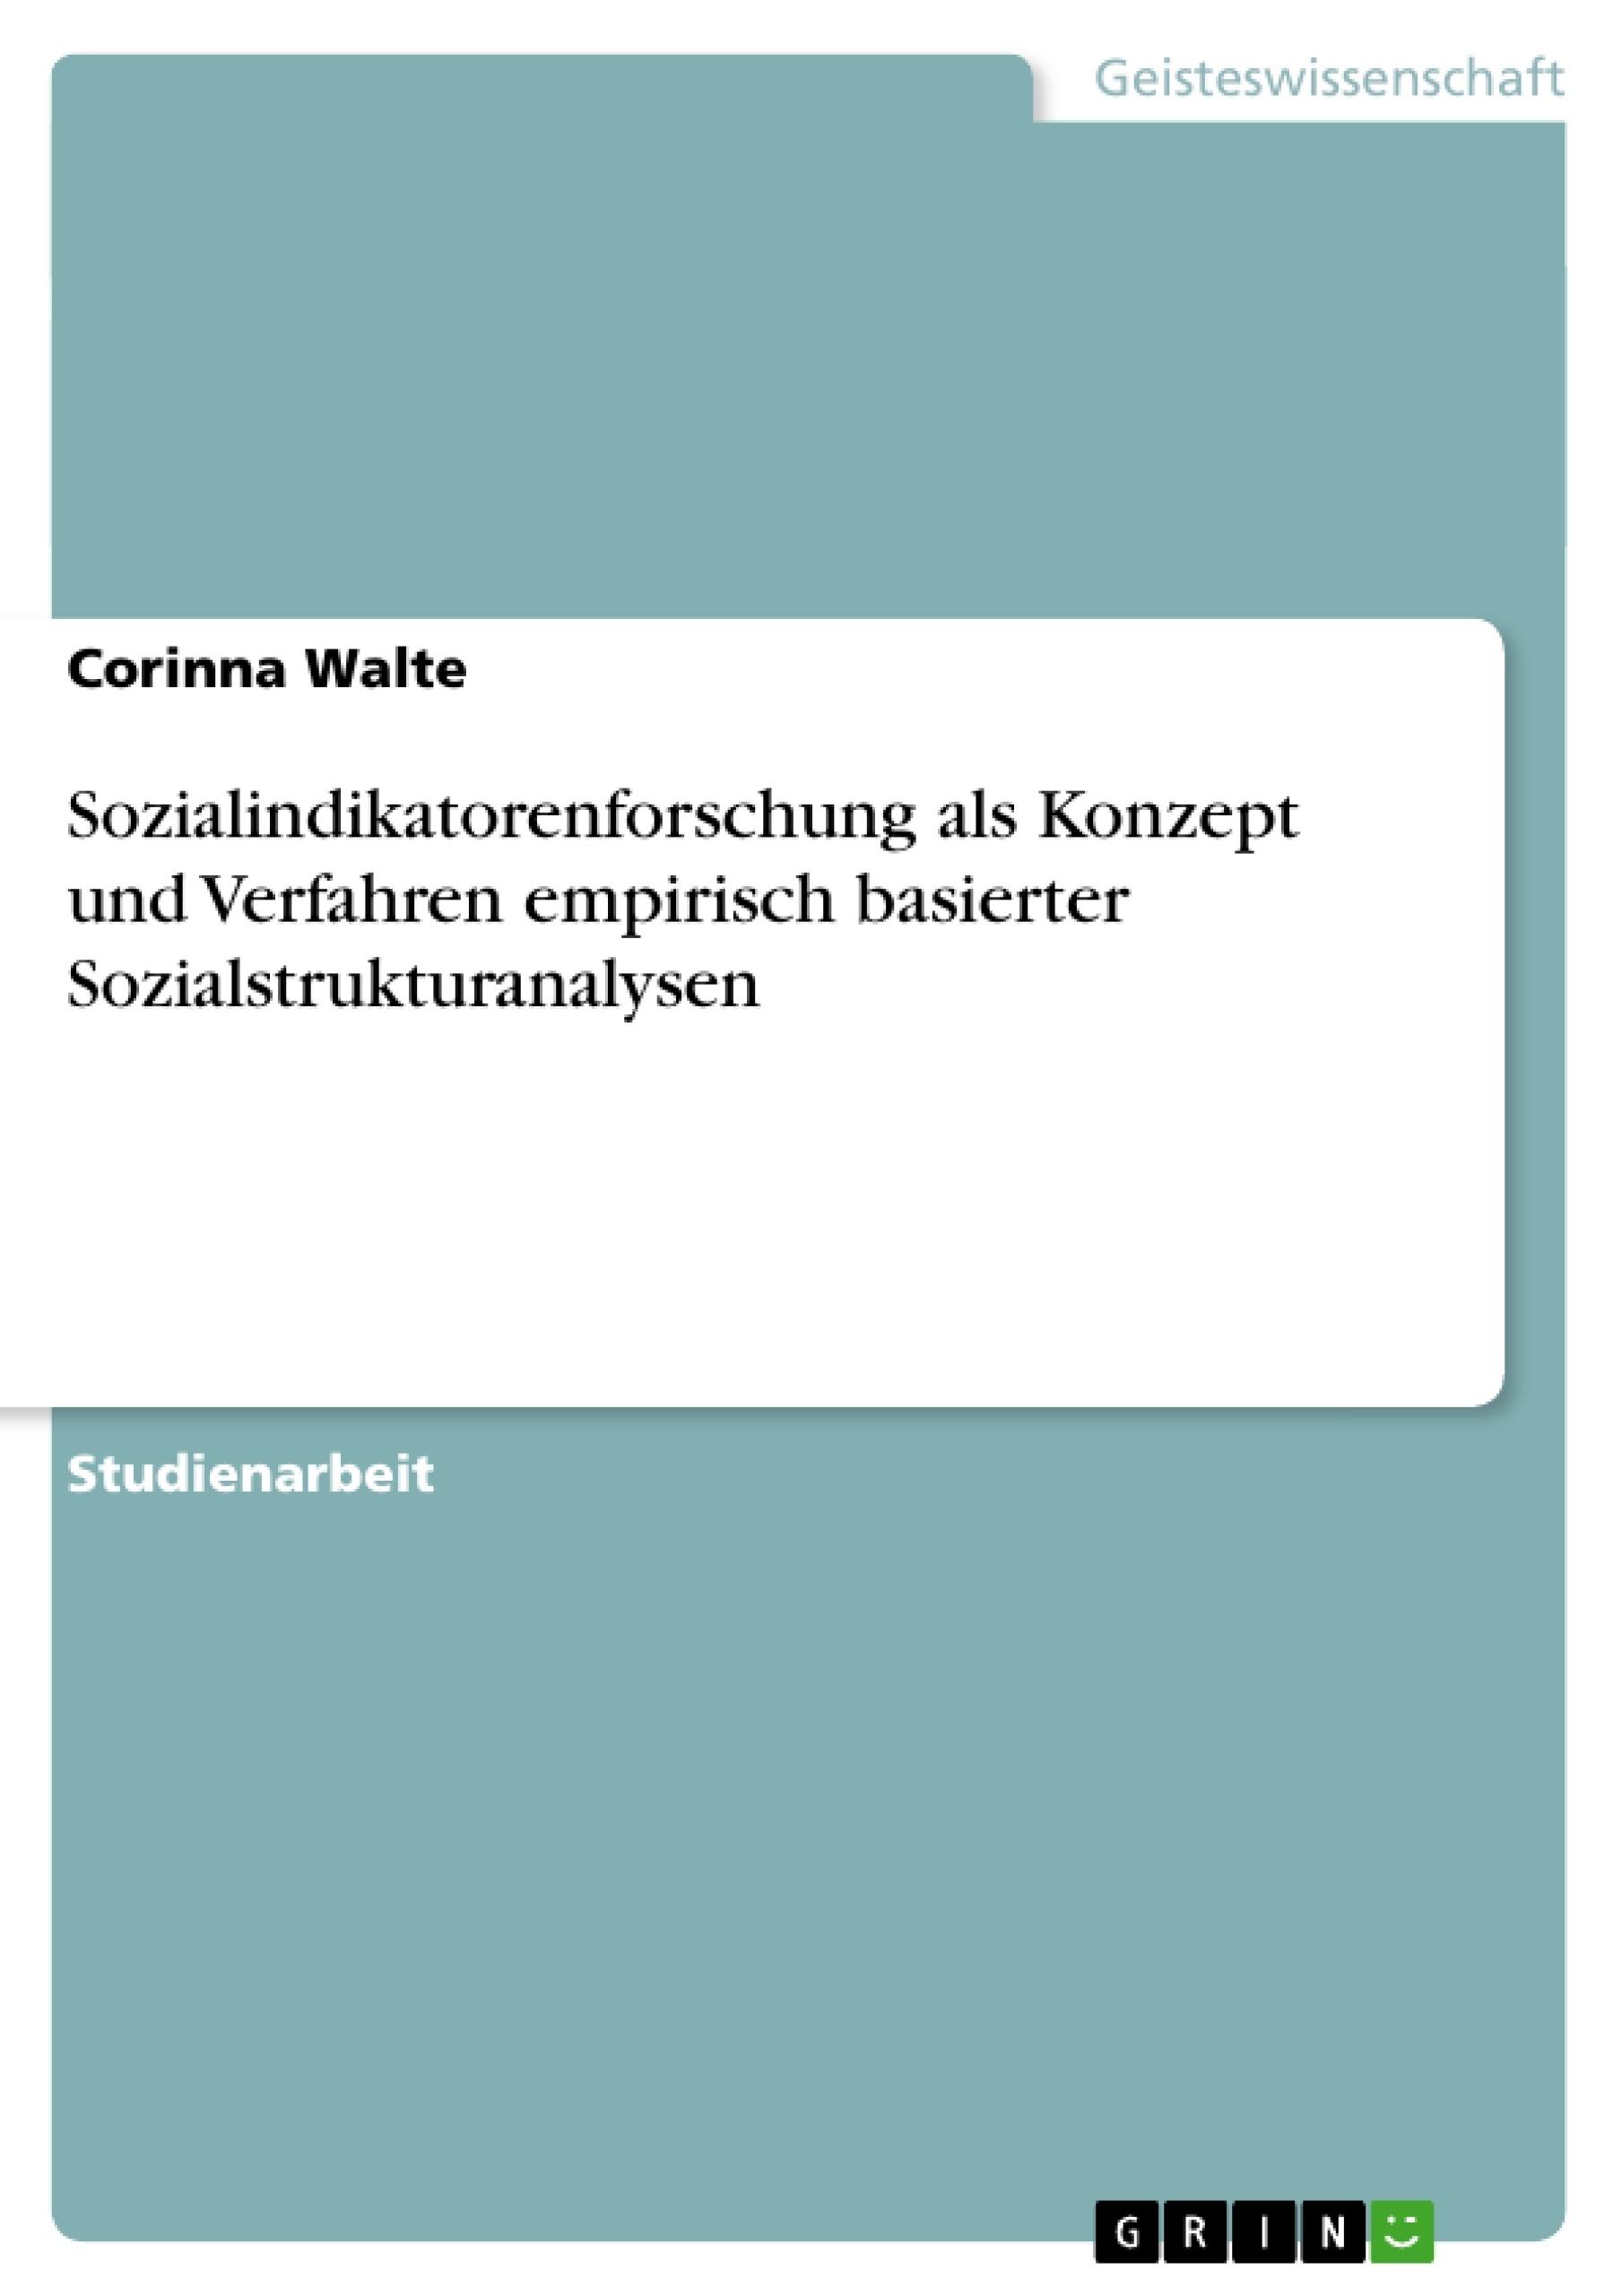 Titel: Sozialindikatorenforschung als Konzept und Verfahren empirisch basierter Sozialstrukturanalysen